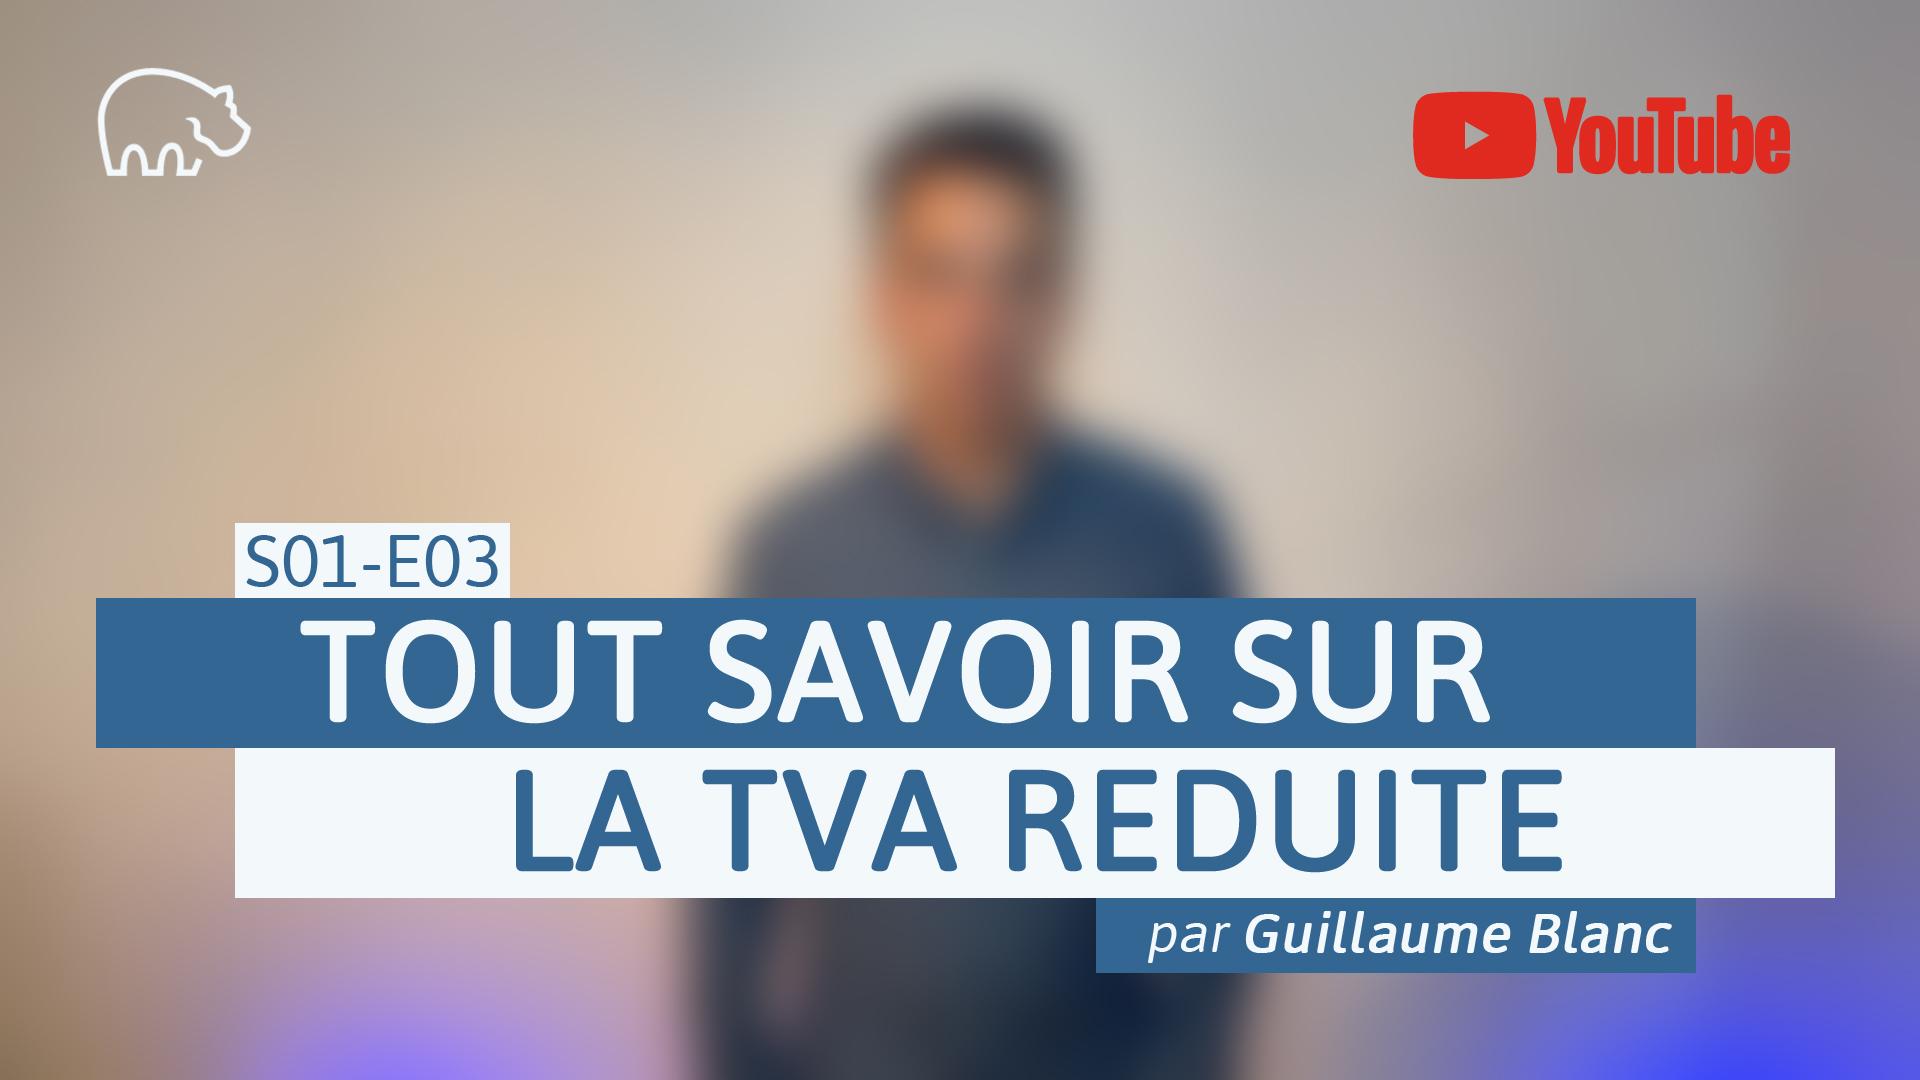 Bannière illustration - ImmoPotamTV - YouTube - Guillaume Blanc - S01-E03 - Tout savoir sur la TVA réduite